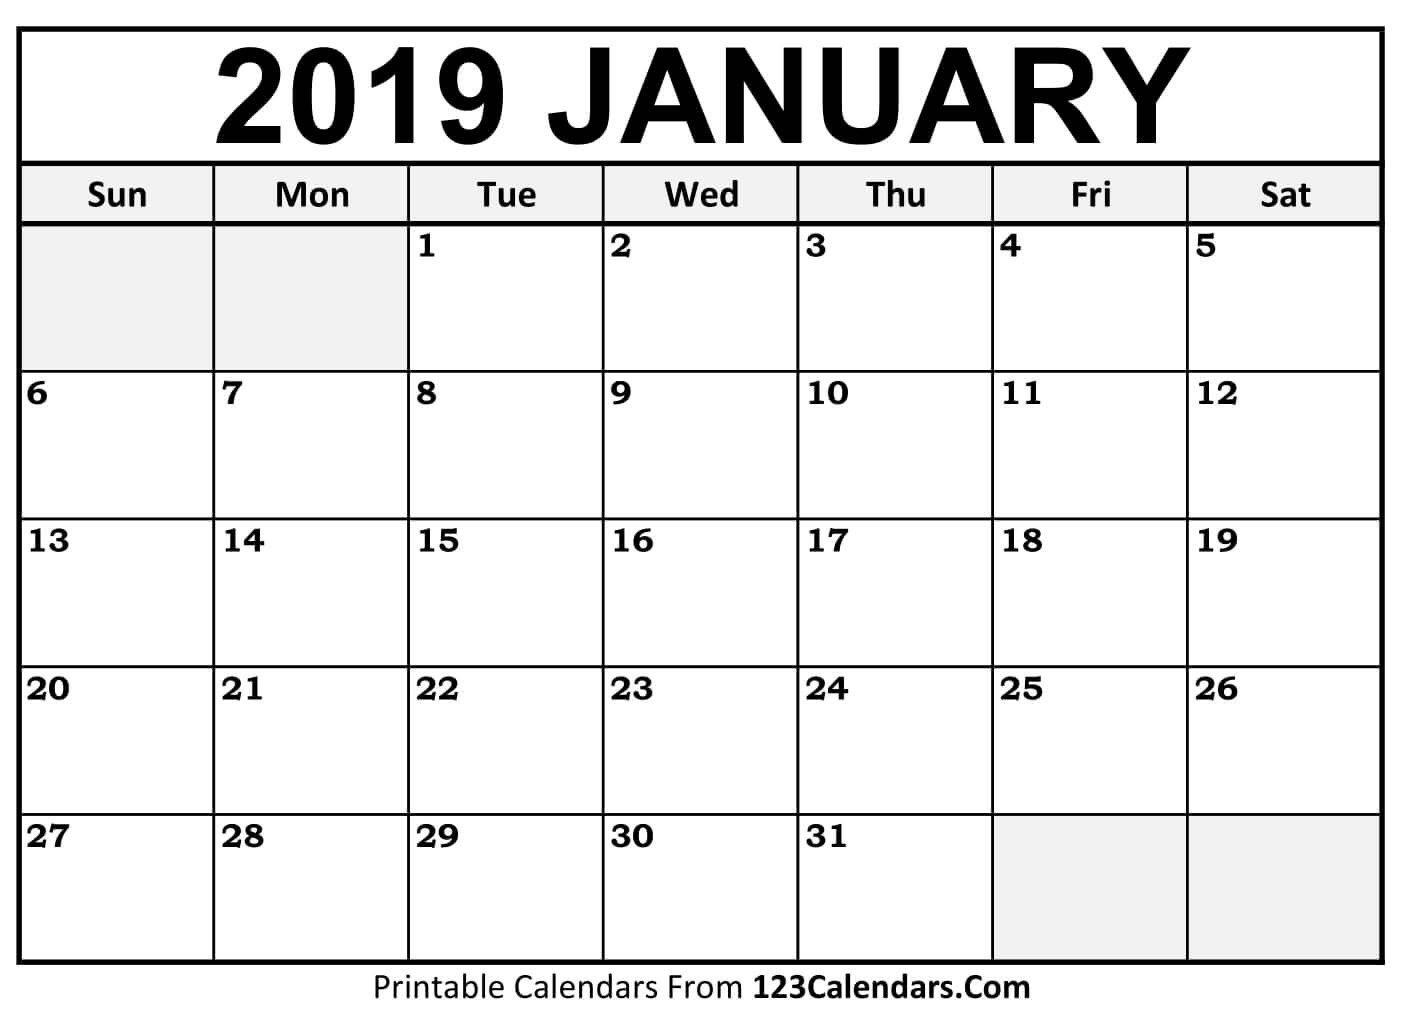 Printable Calendar Jan 2019 Printable January 2019 Calendar January 2019 Calendar 123Calendars